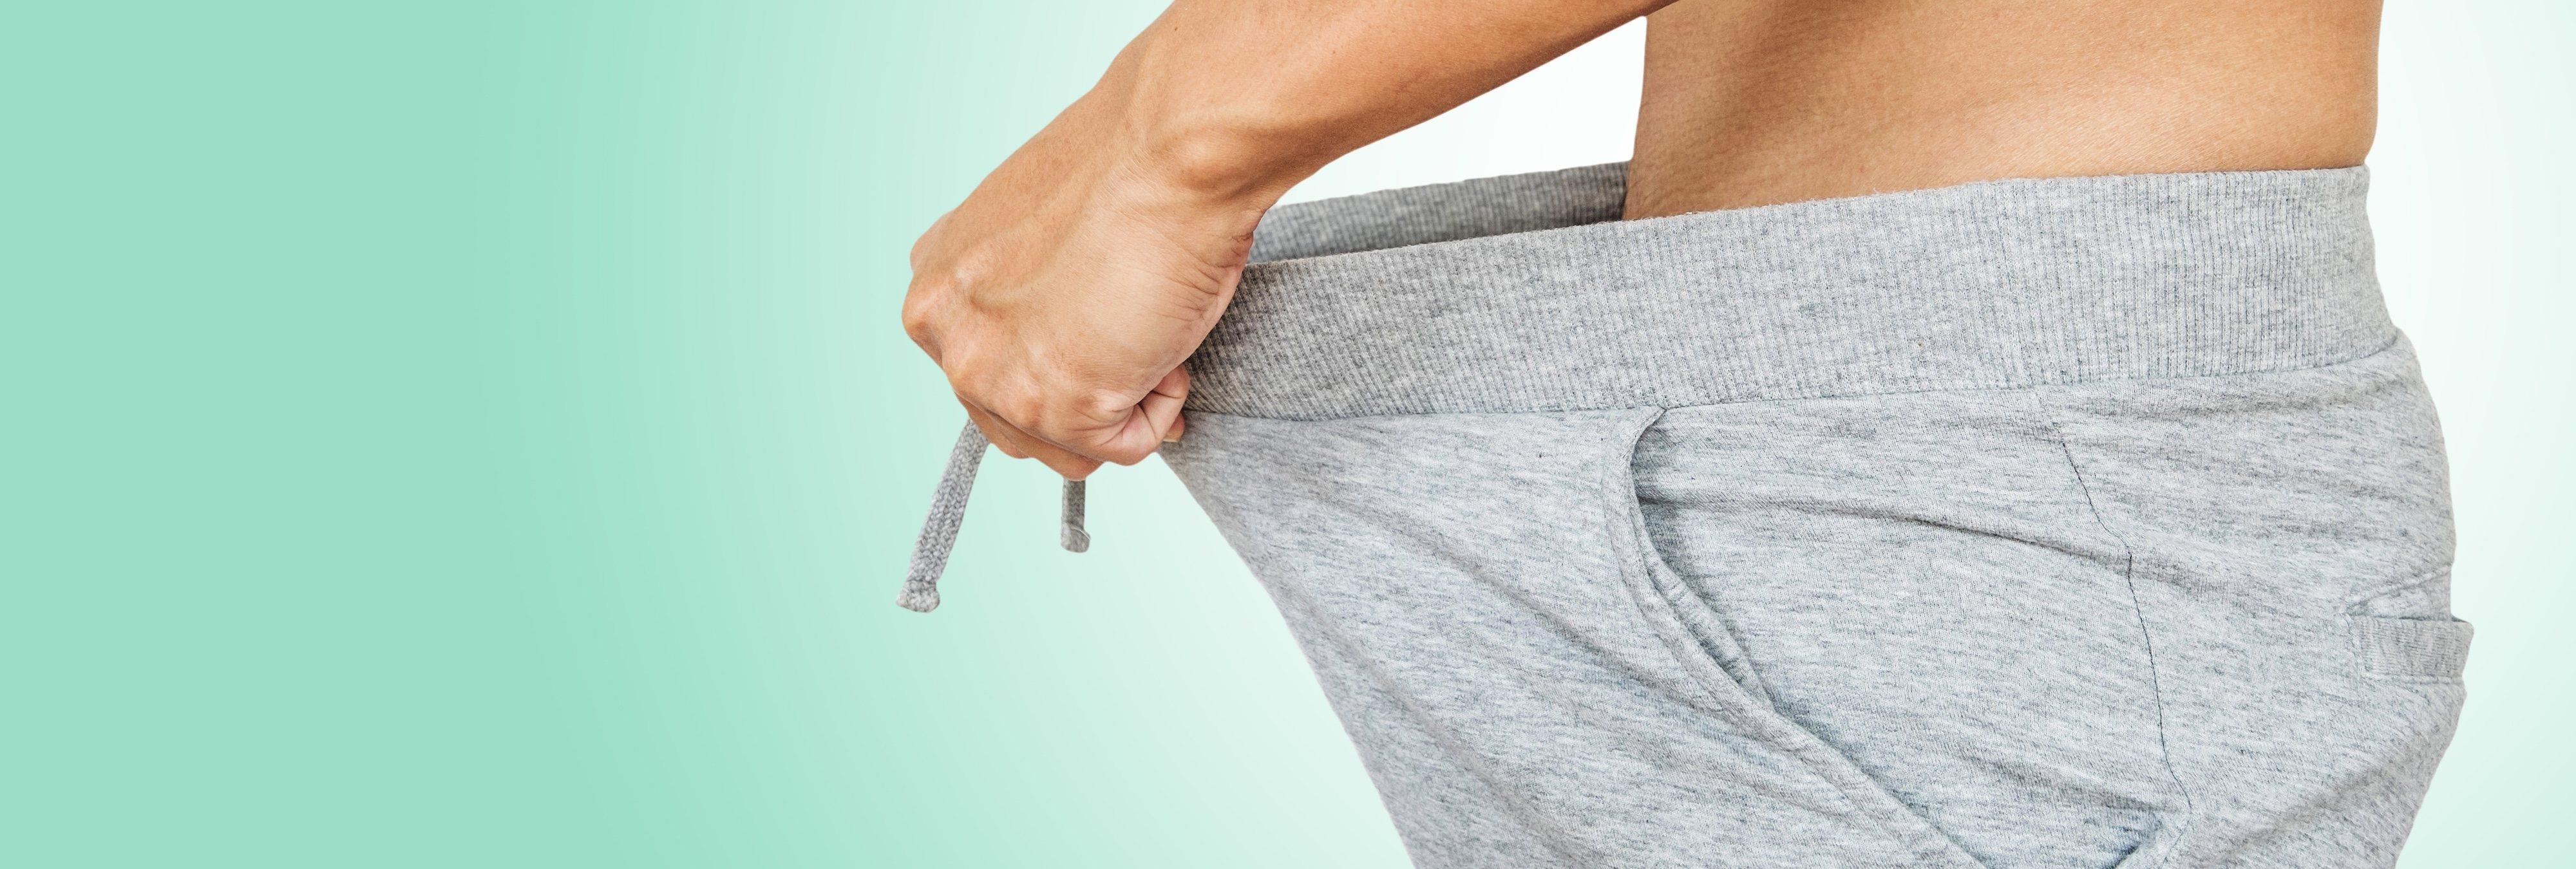 Le amputan el glande al gangrenarse el pene tras 48 horas de erección